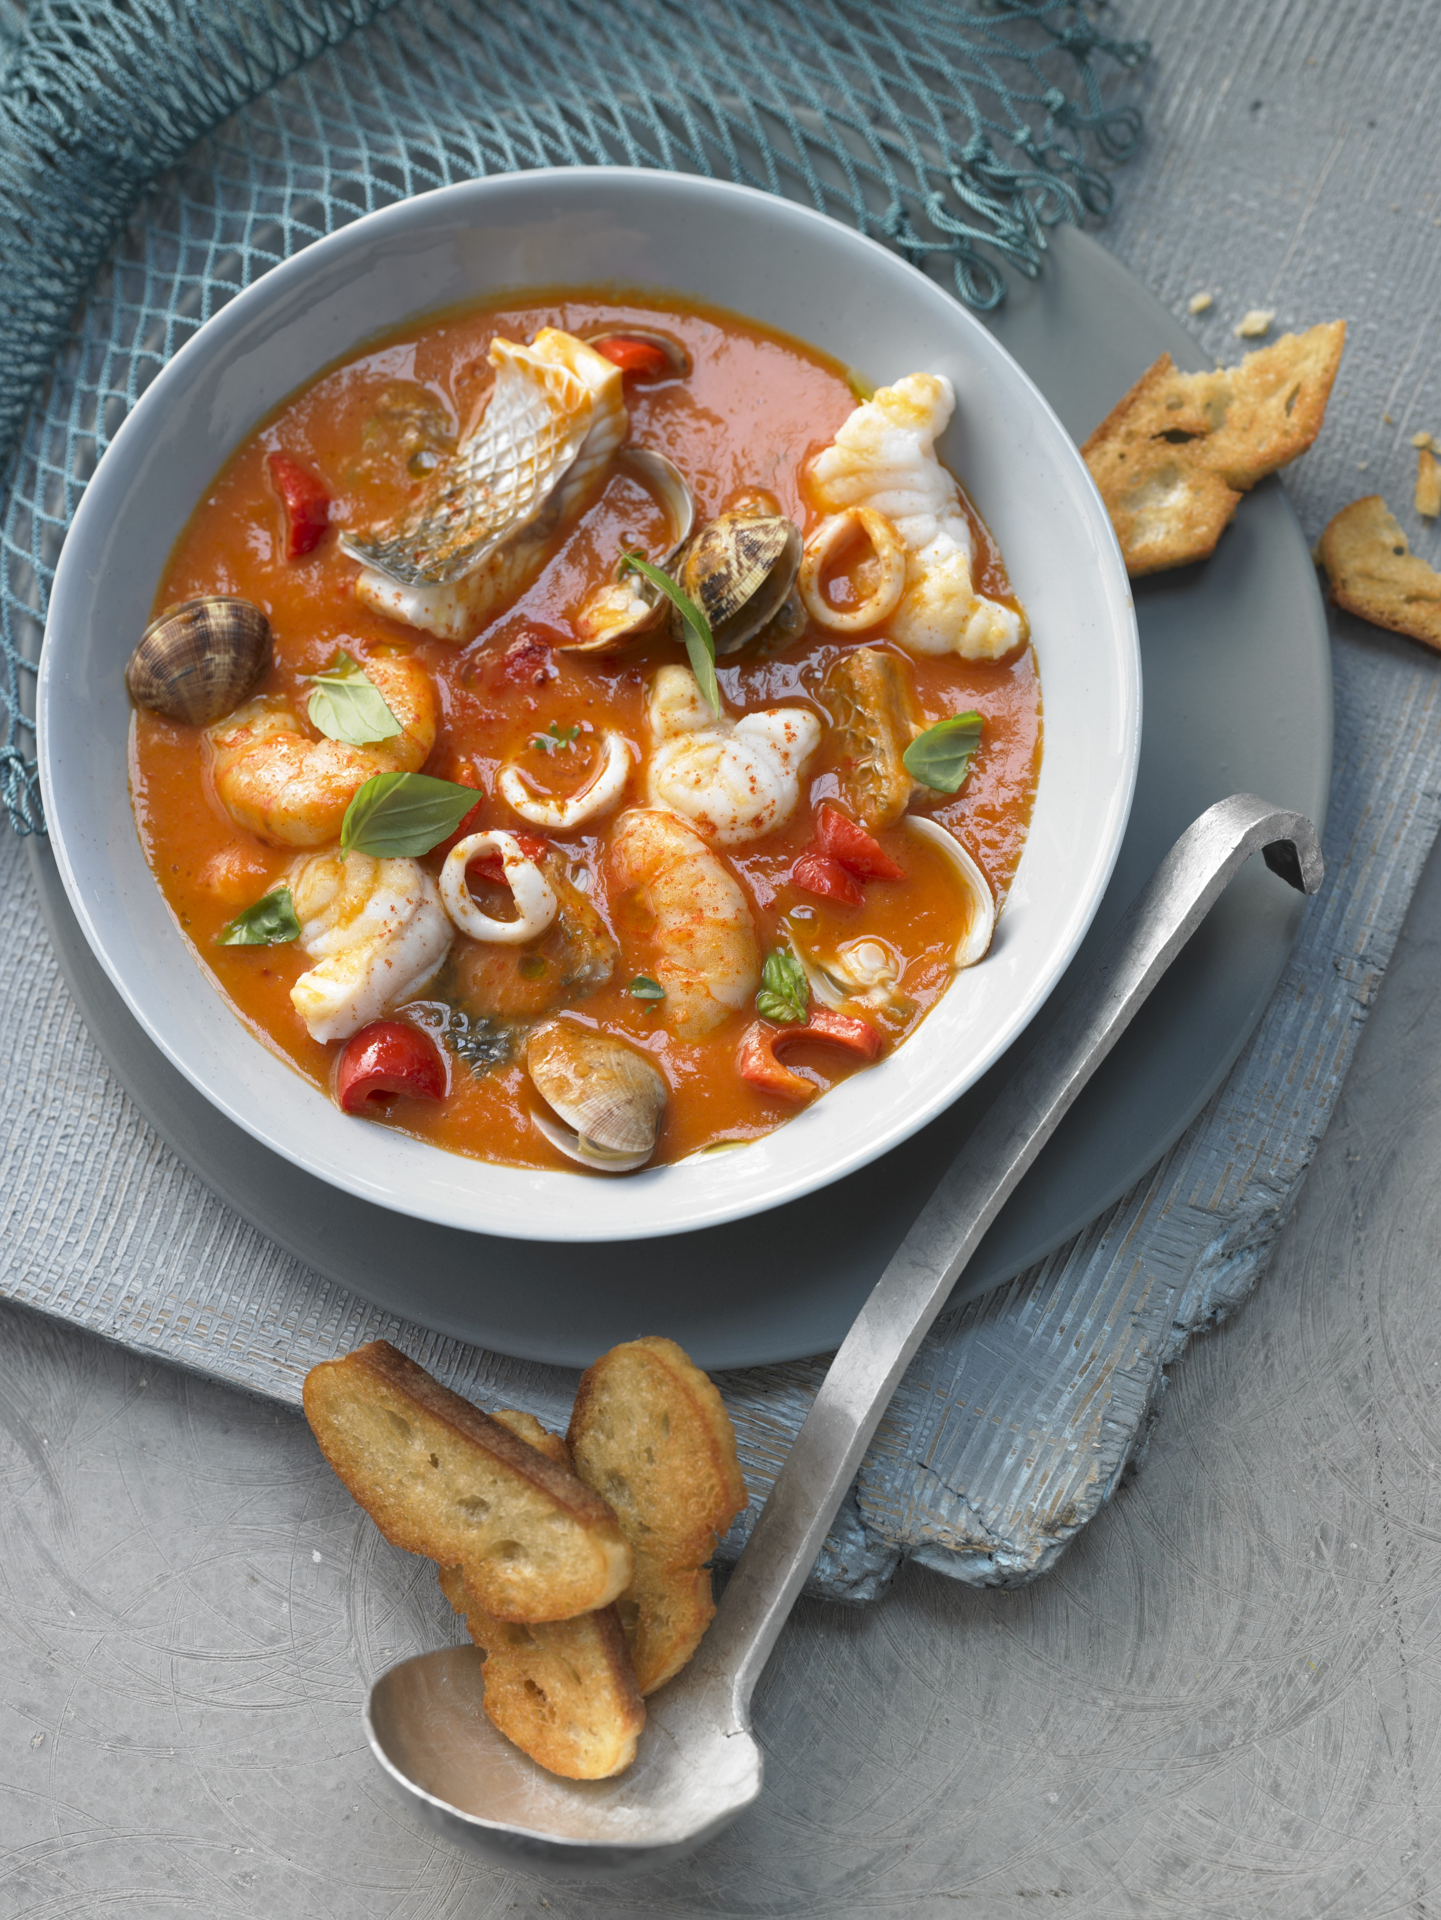 recipe: zuppa de pesce near me [8]